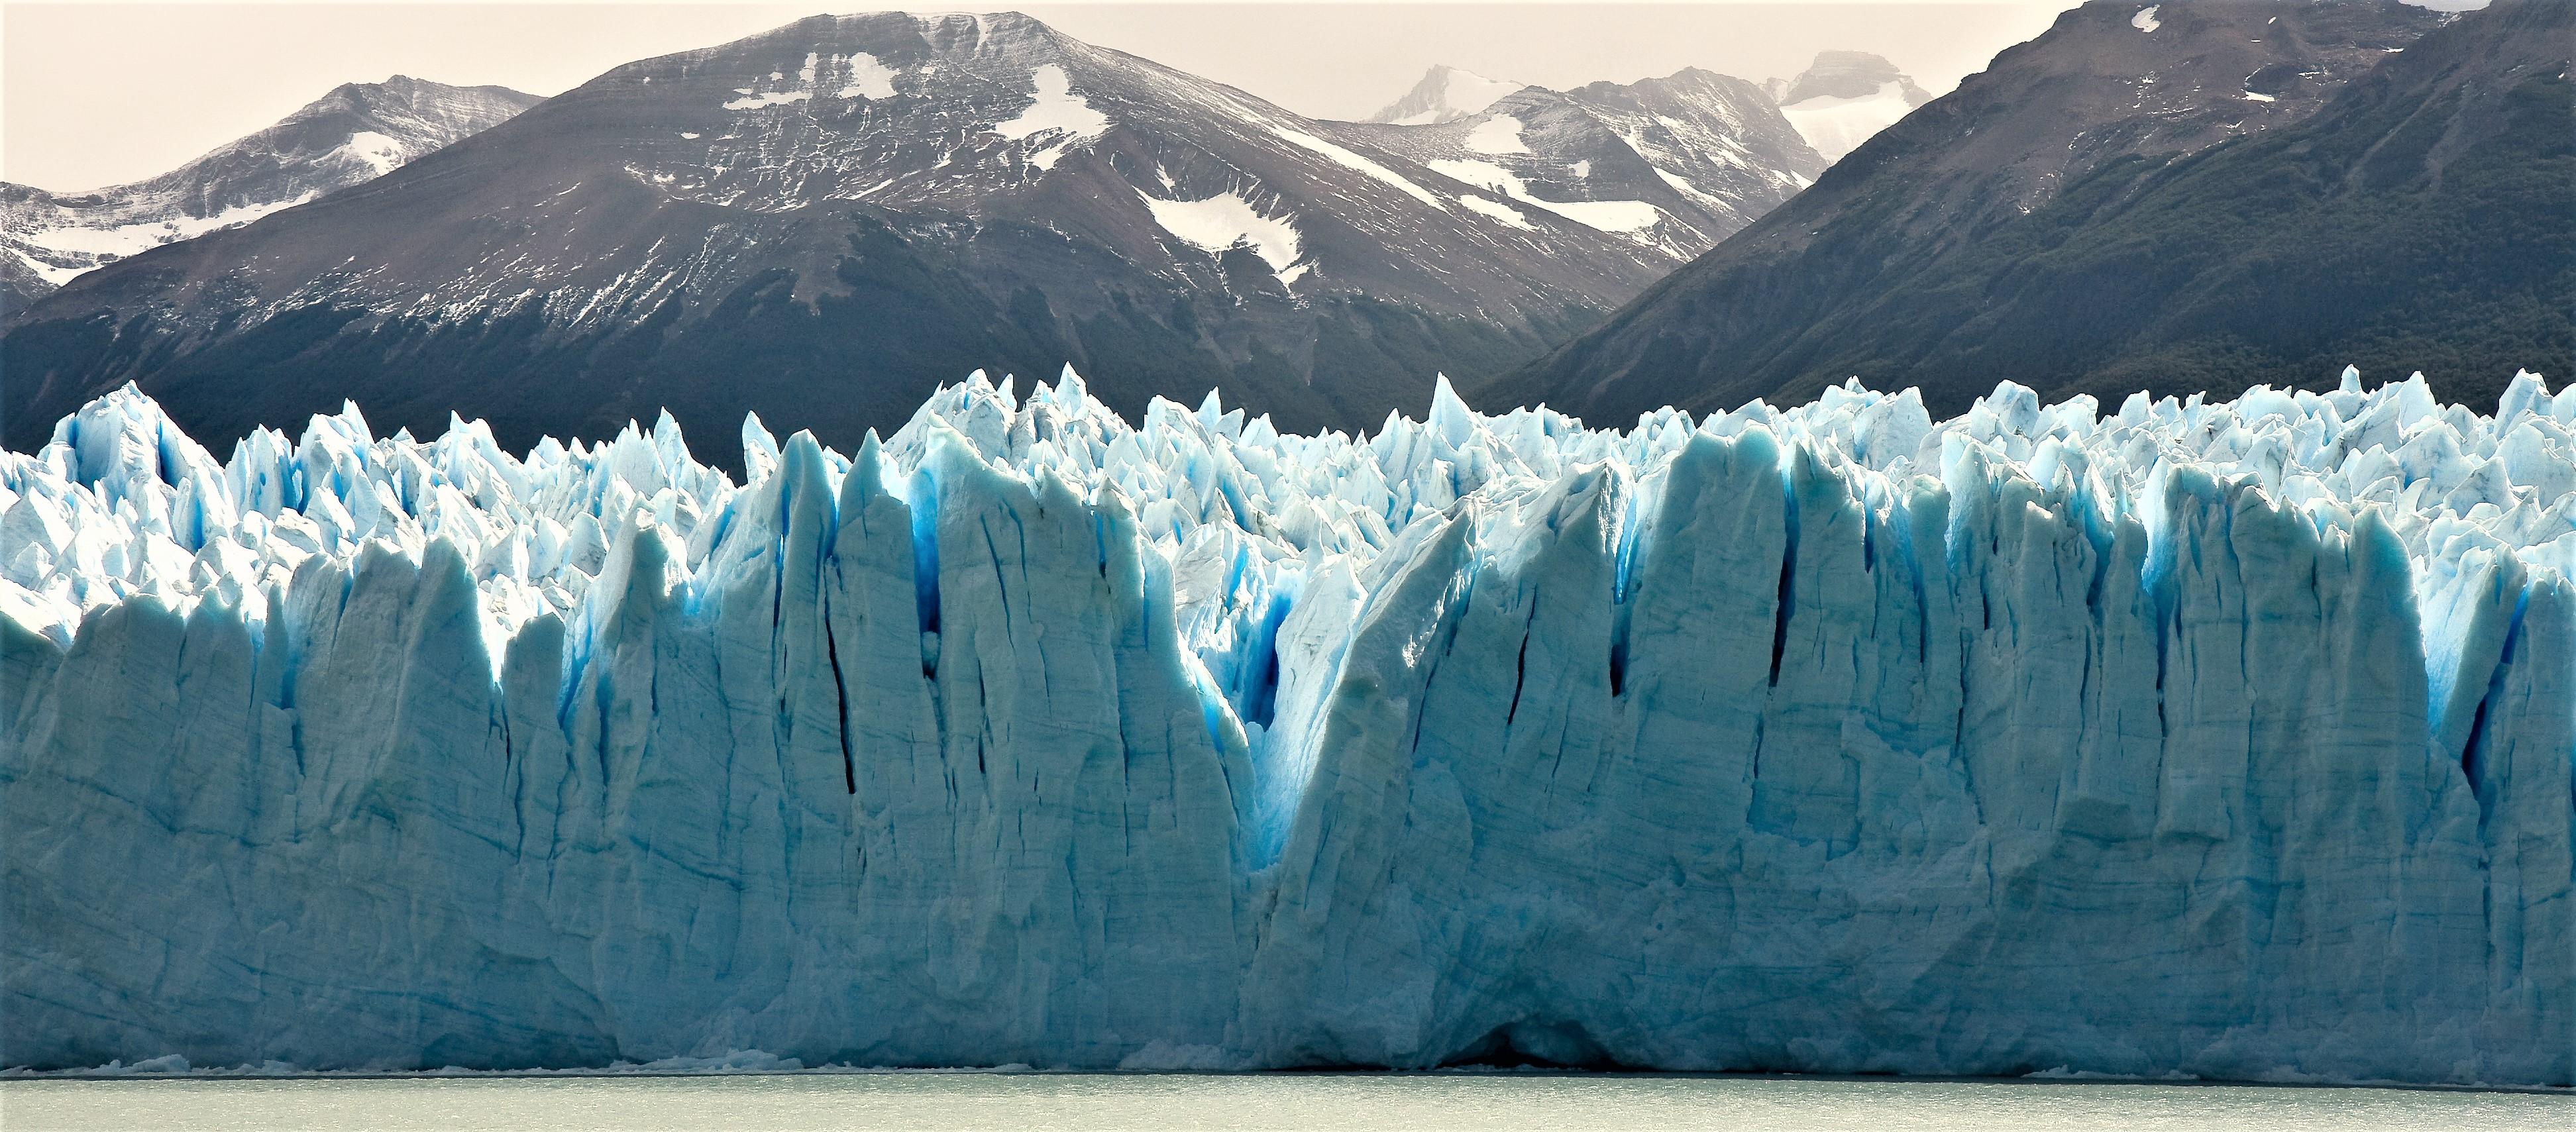 ghiacciai patagonia terra del fuoco